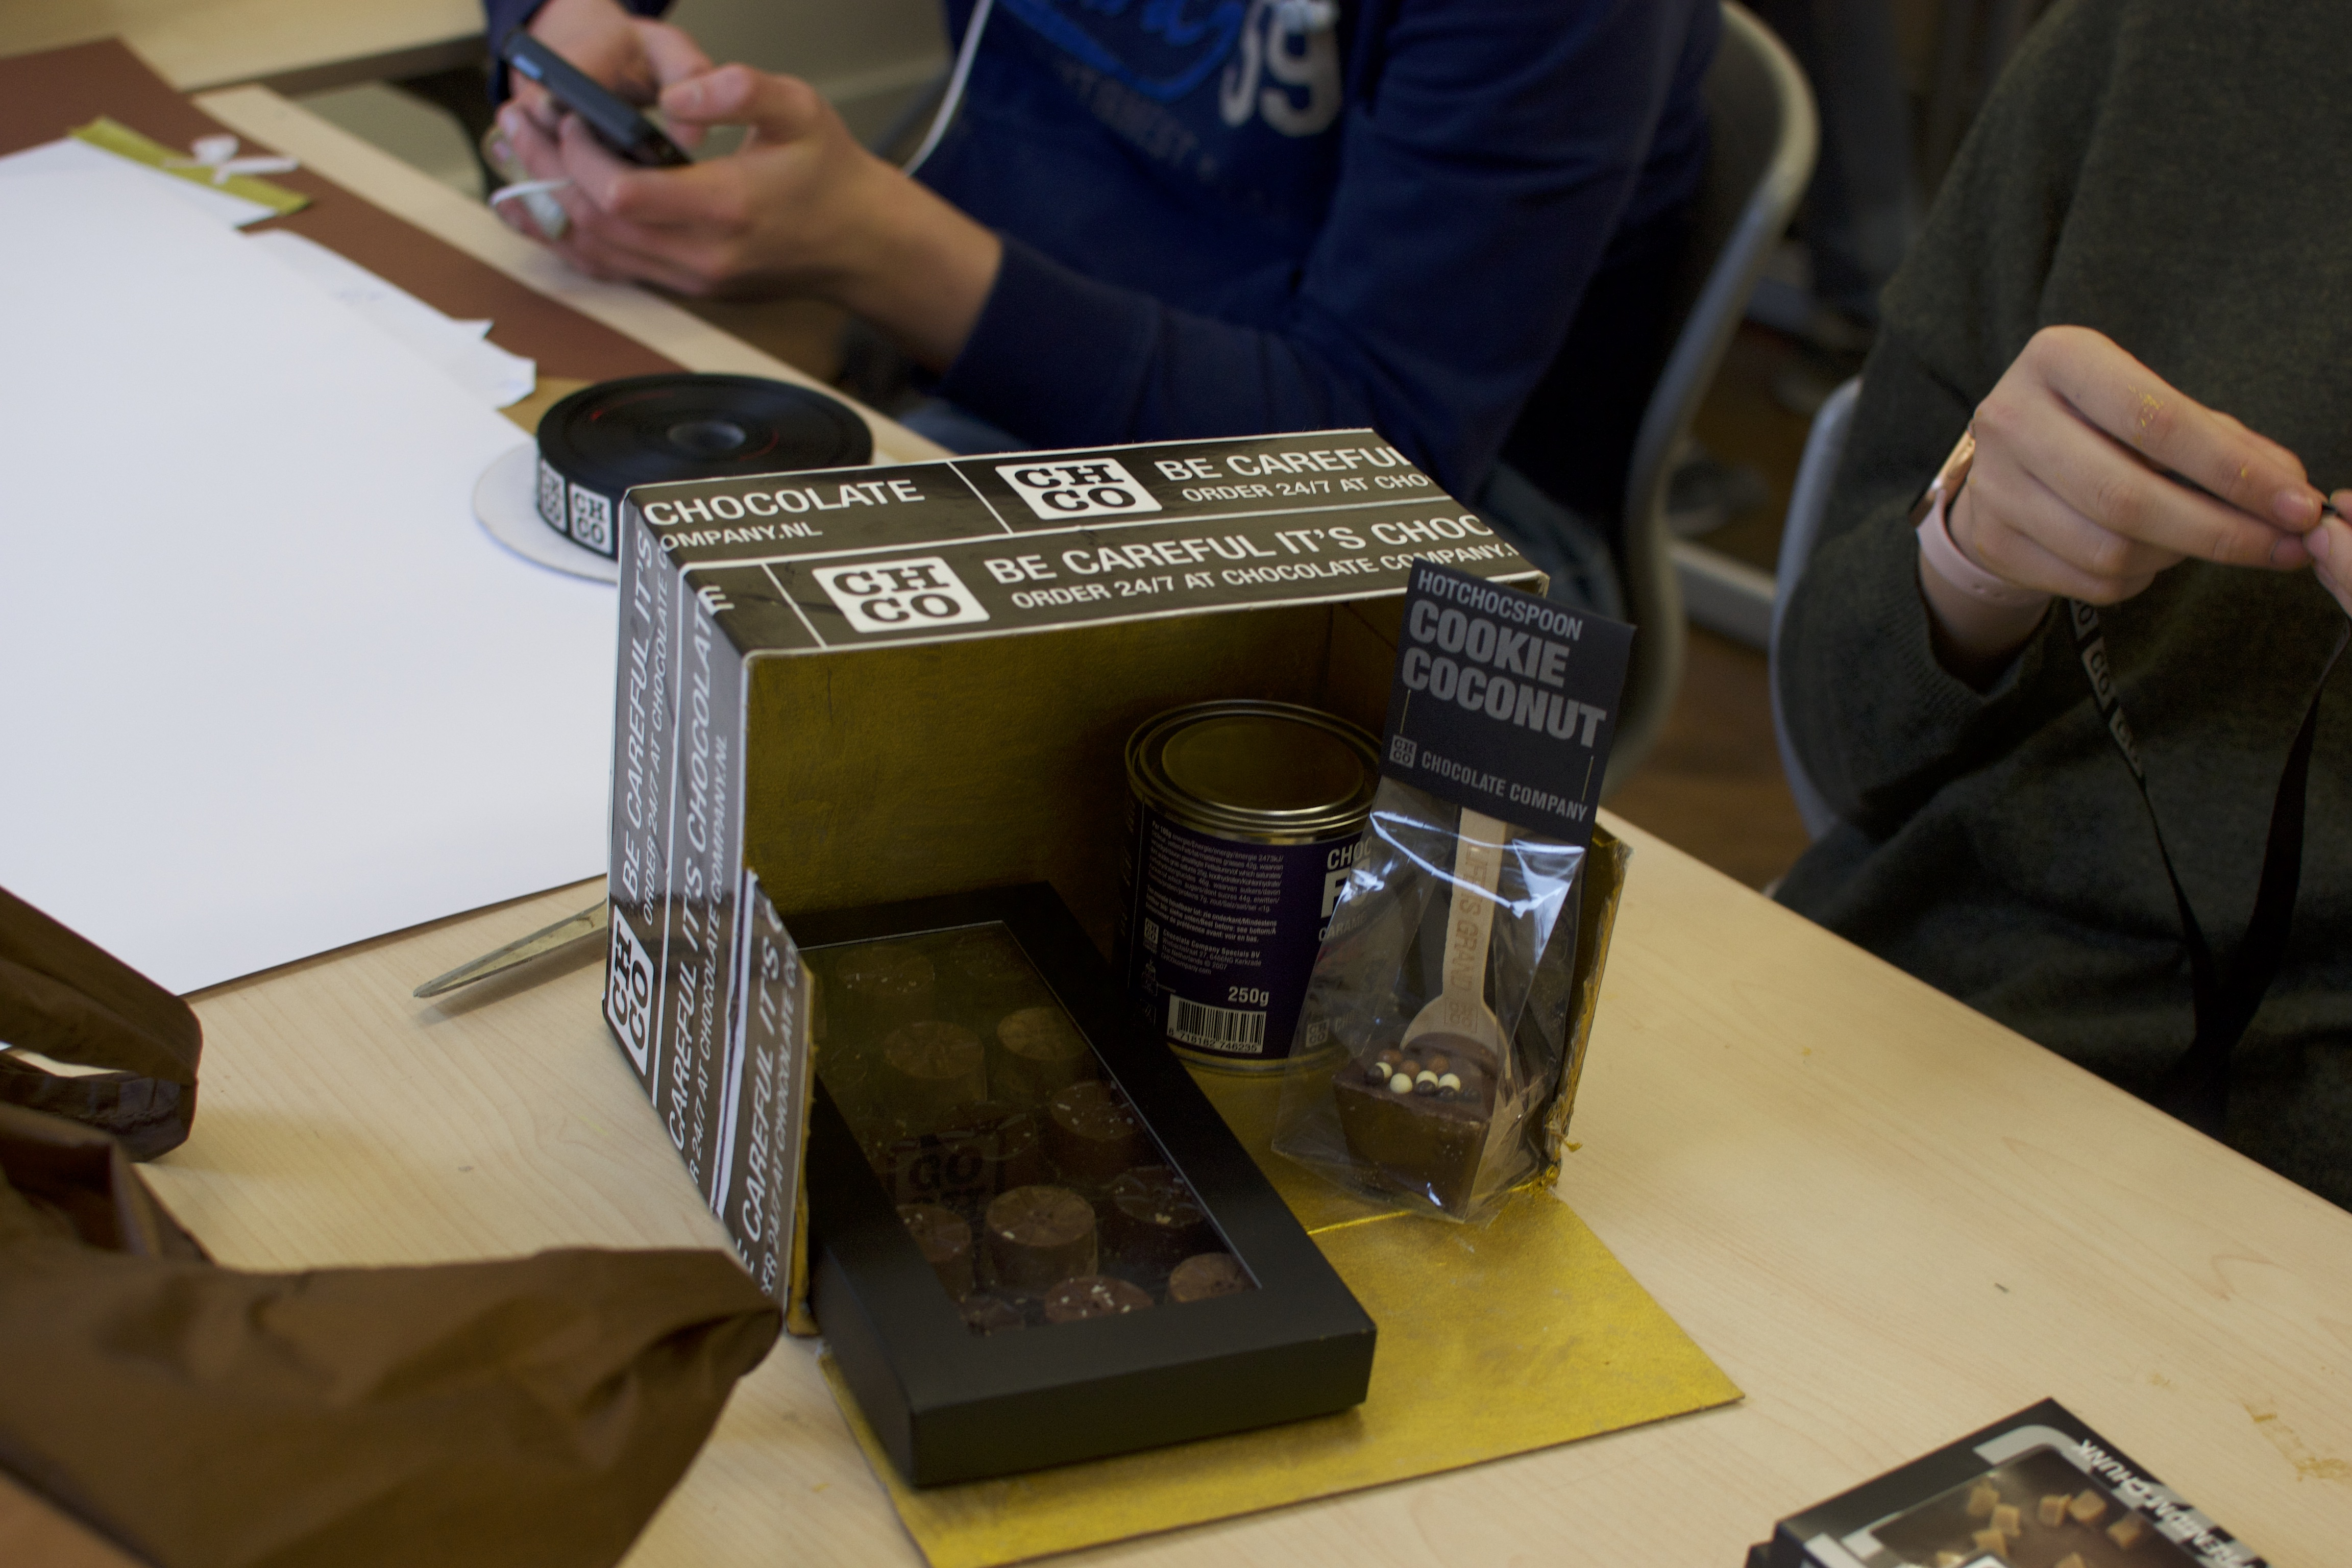 Eigen Chocolate Company doosje maken voor je eigen product/markt combinatie.